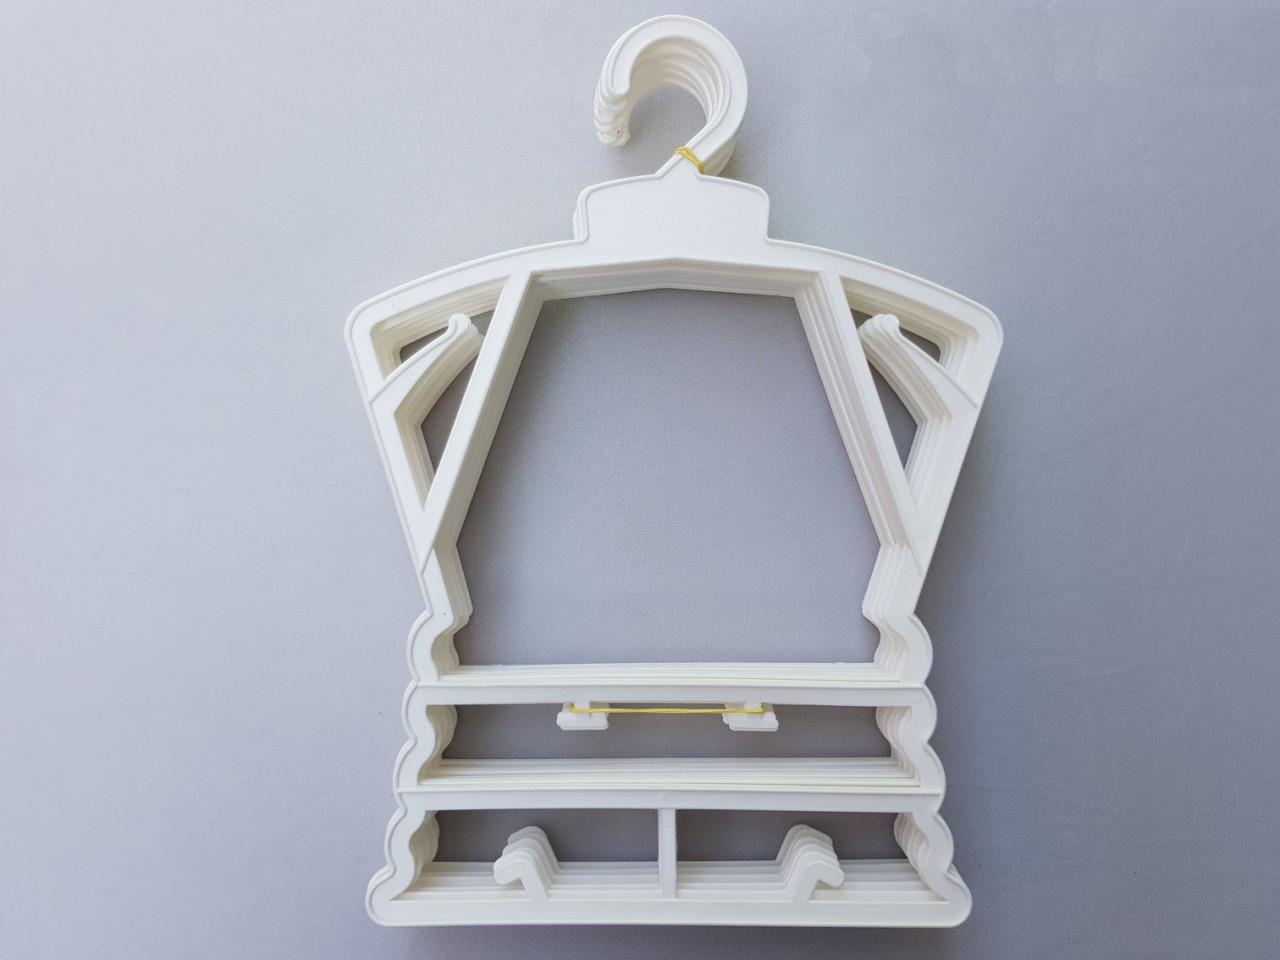 Плечики детские пластмассовые каркас Л-23 белые, 23 см, 10 штук в упаковке